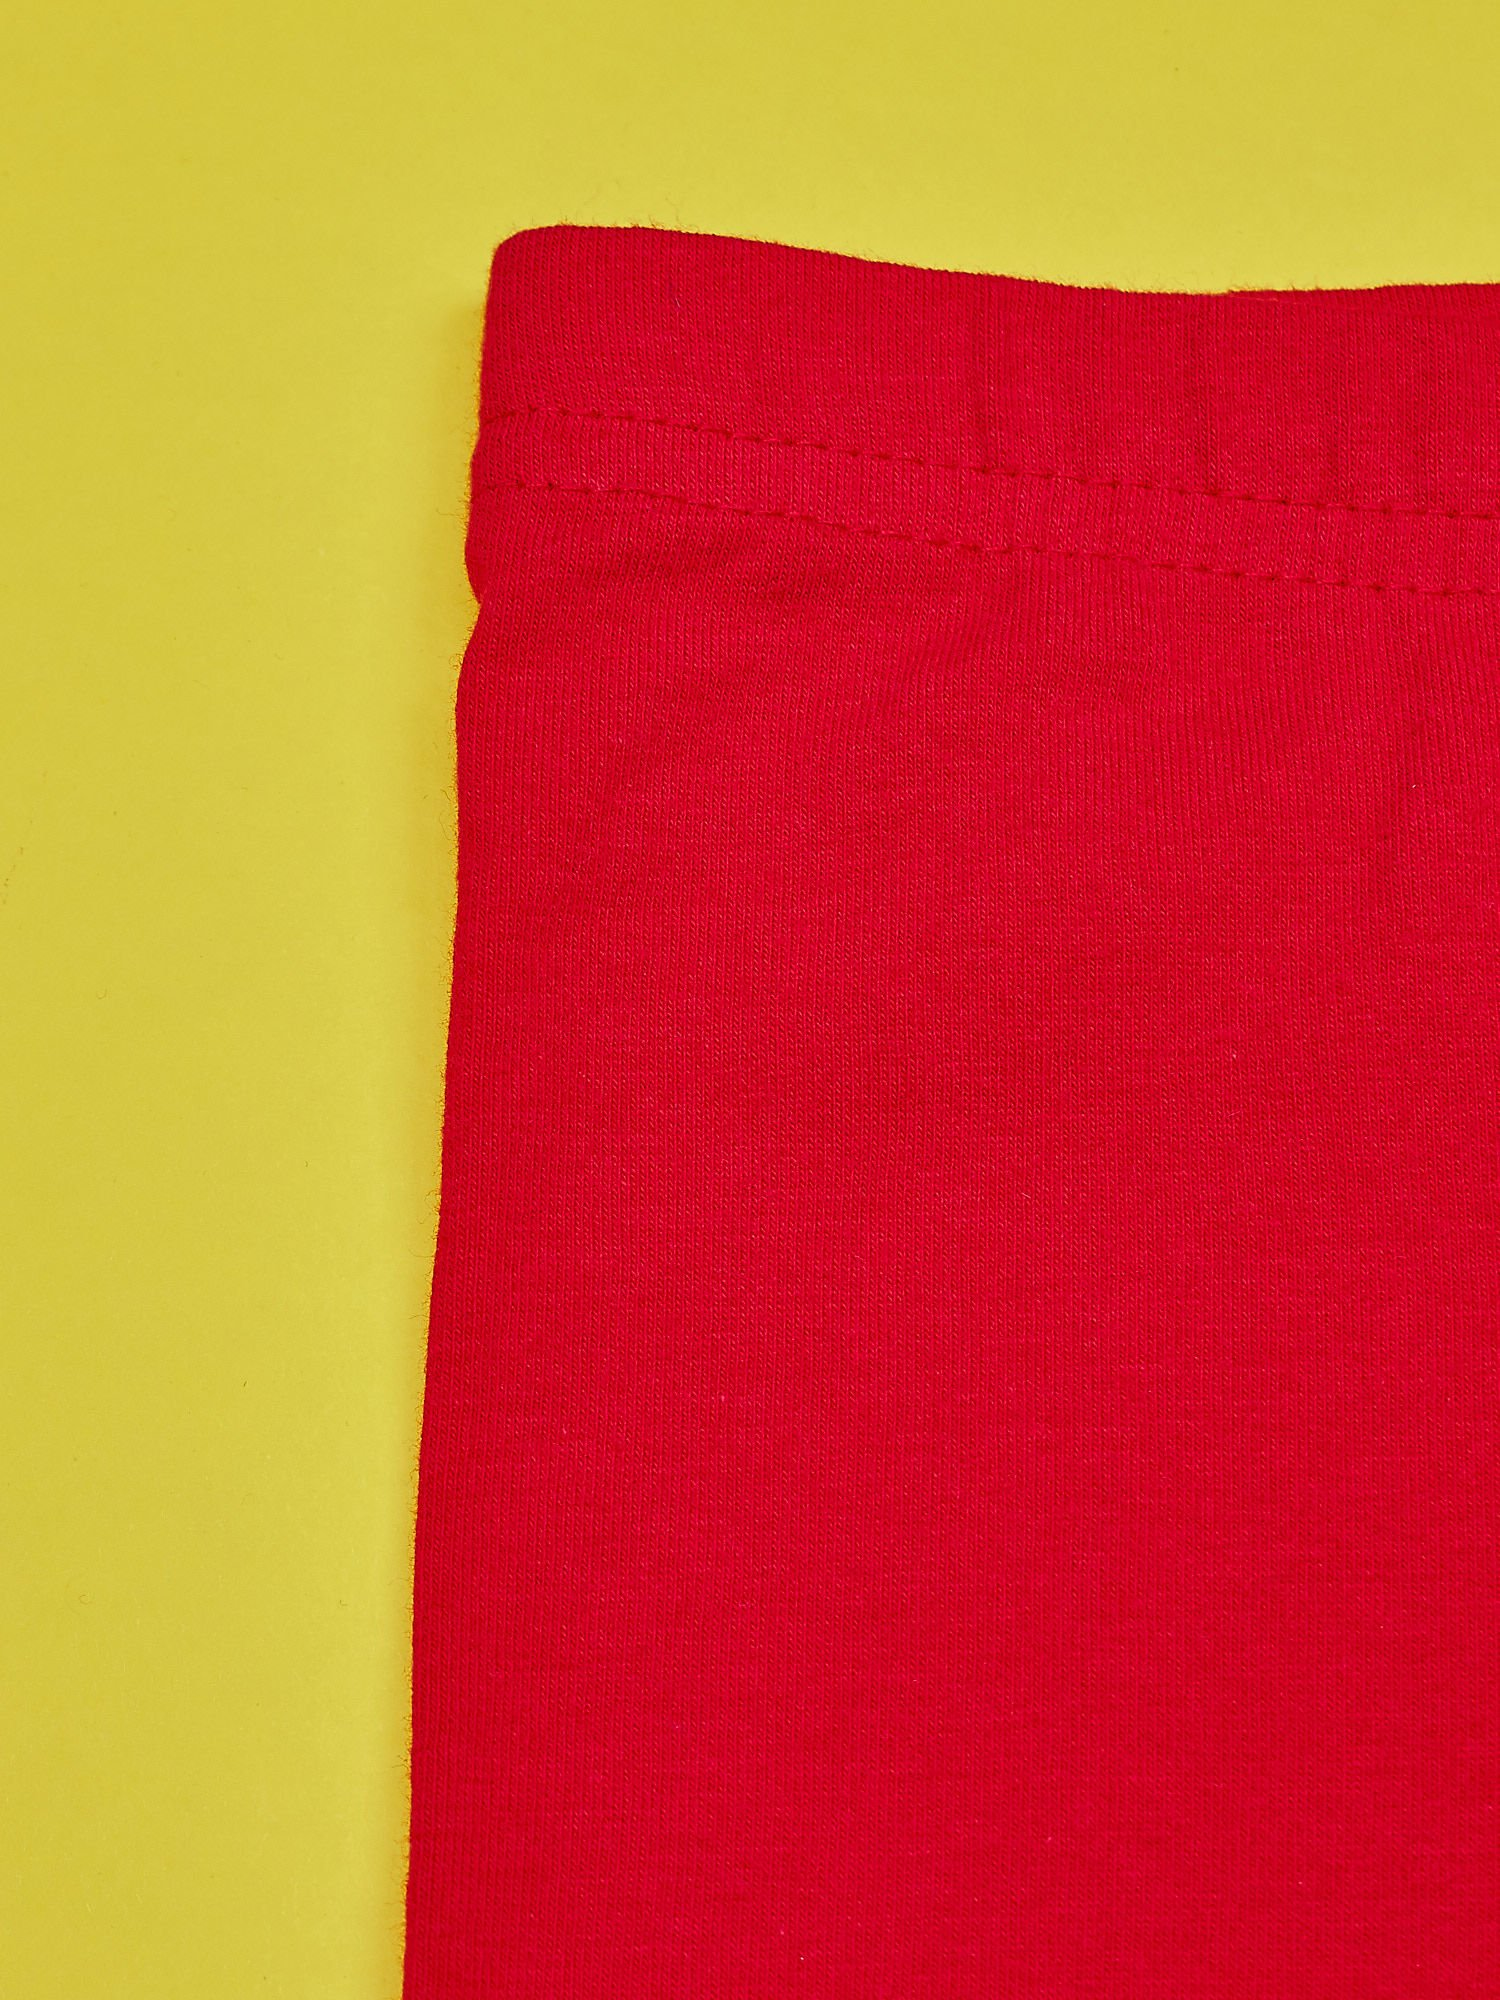 Czerwone legginsy dla dziewczynki z nadrukiem MY LITTLE PONY                                  zdj.                                  4